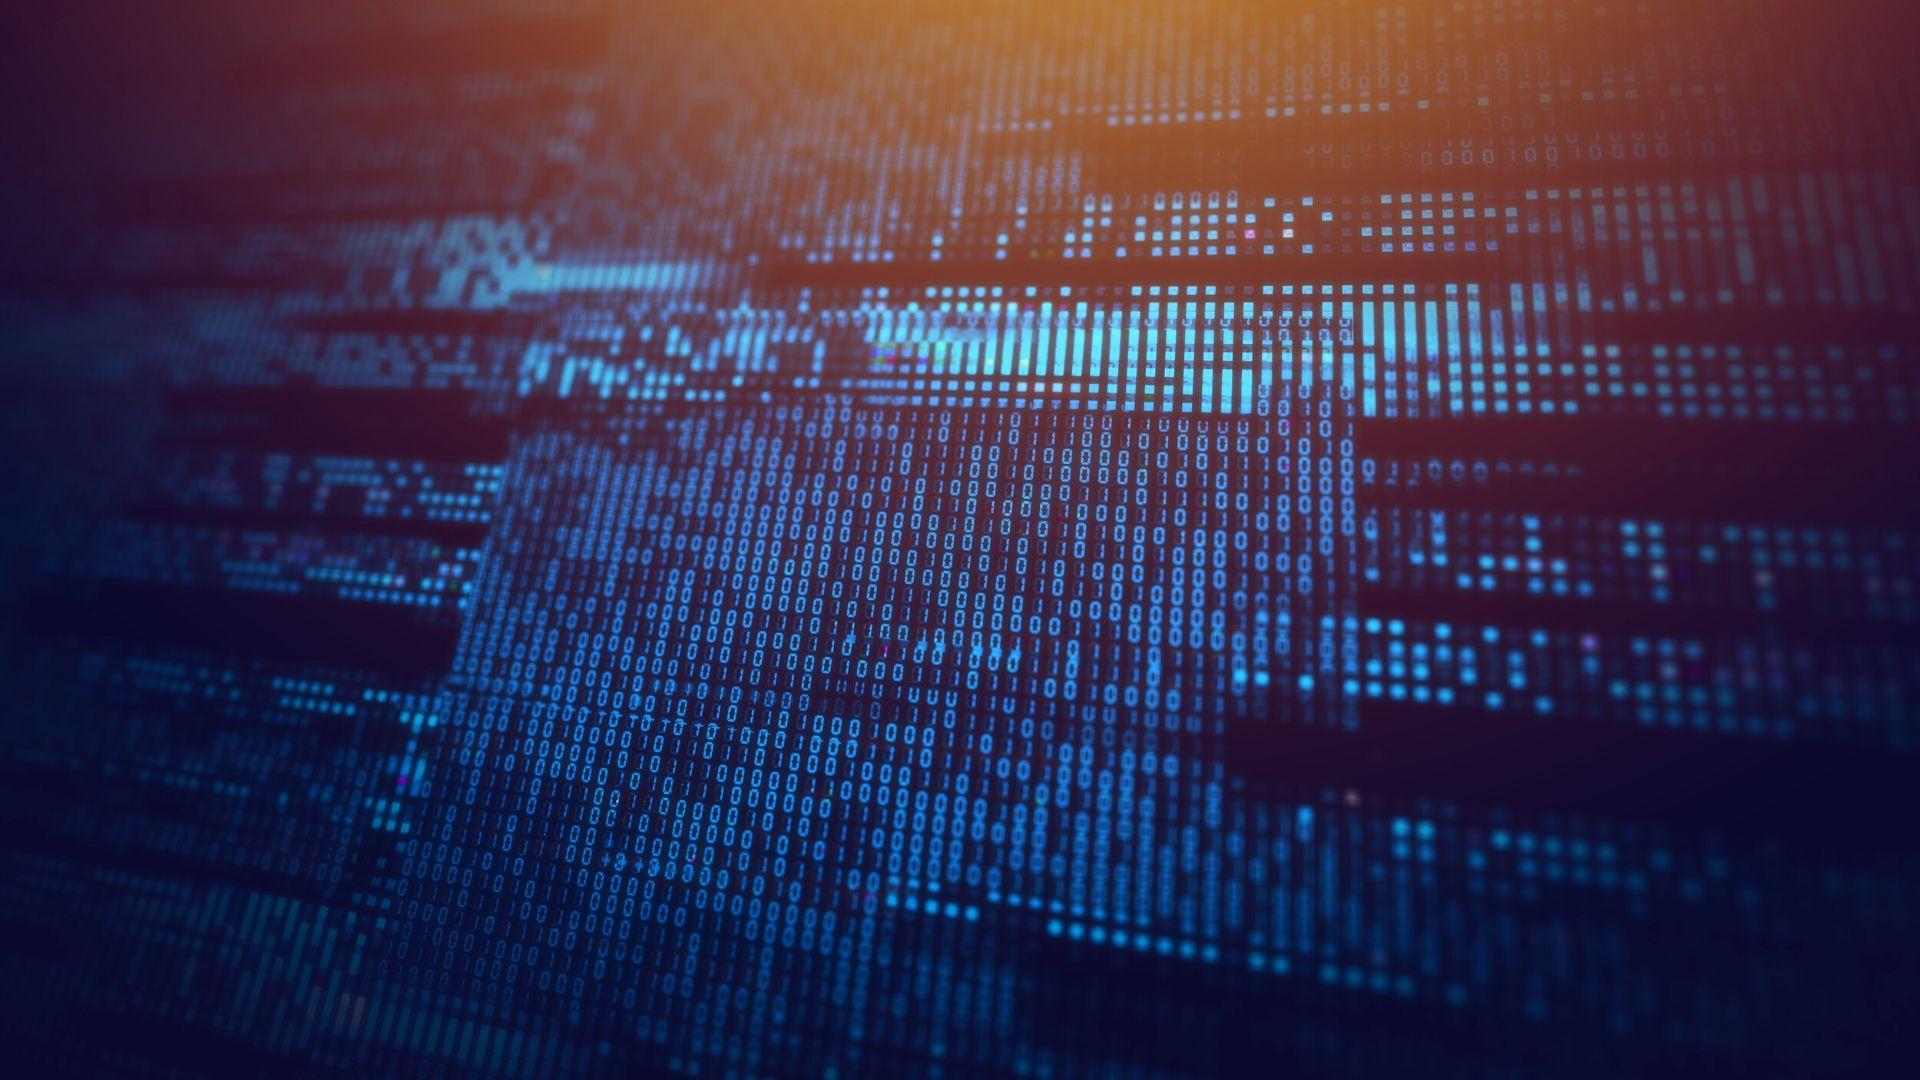 250 millions d'utilisateurs du support technique de Microsoft accessibles sans protection